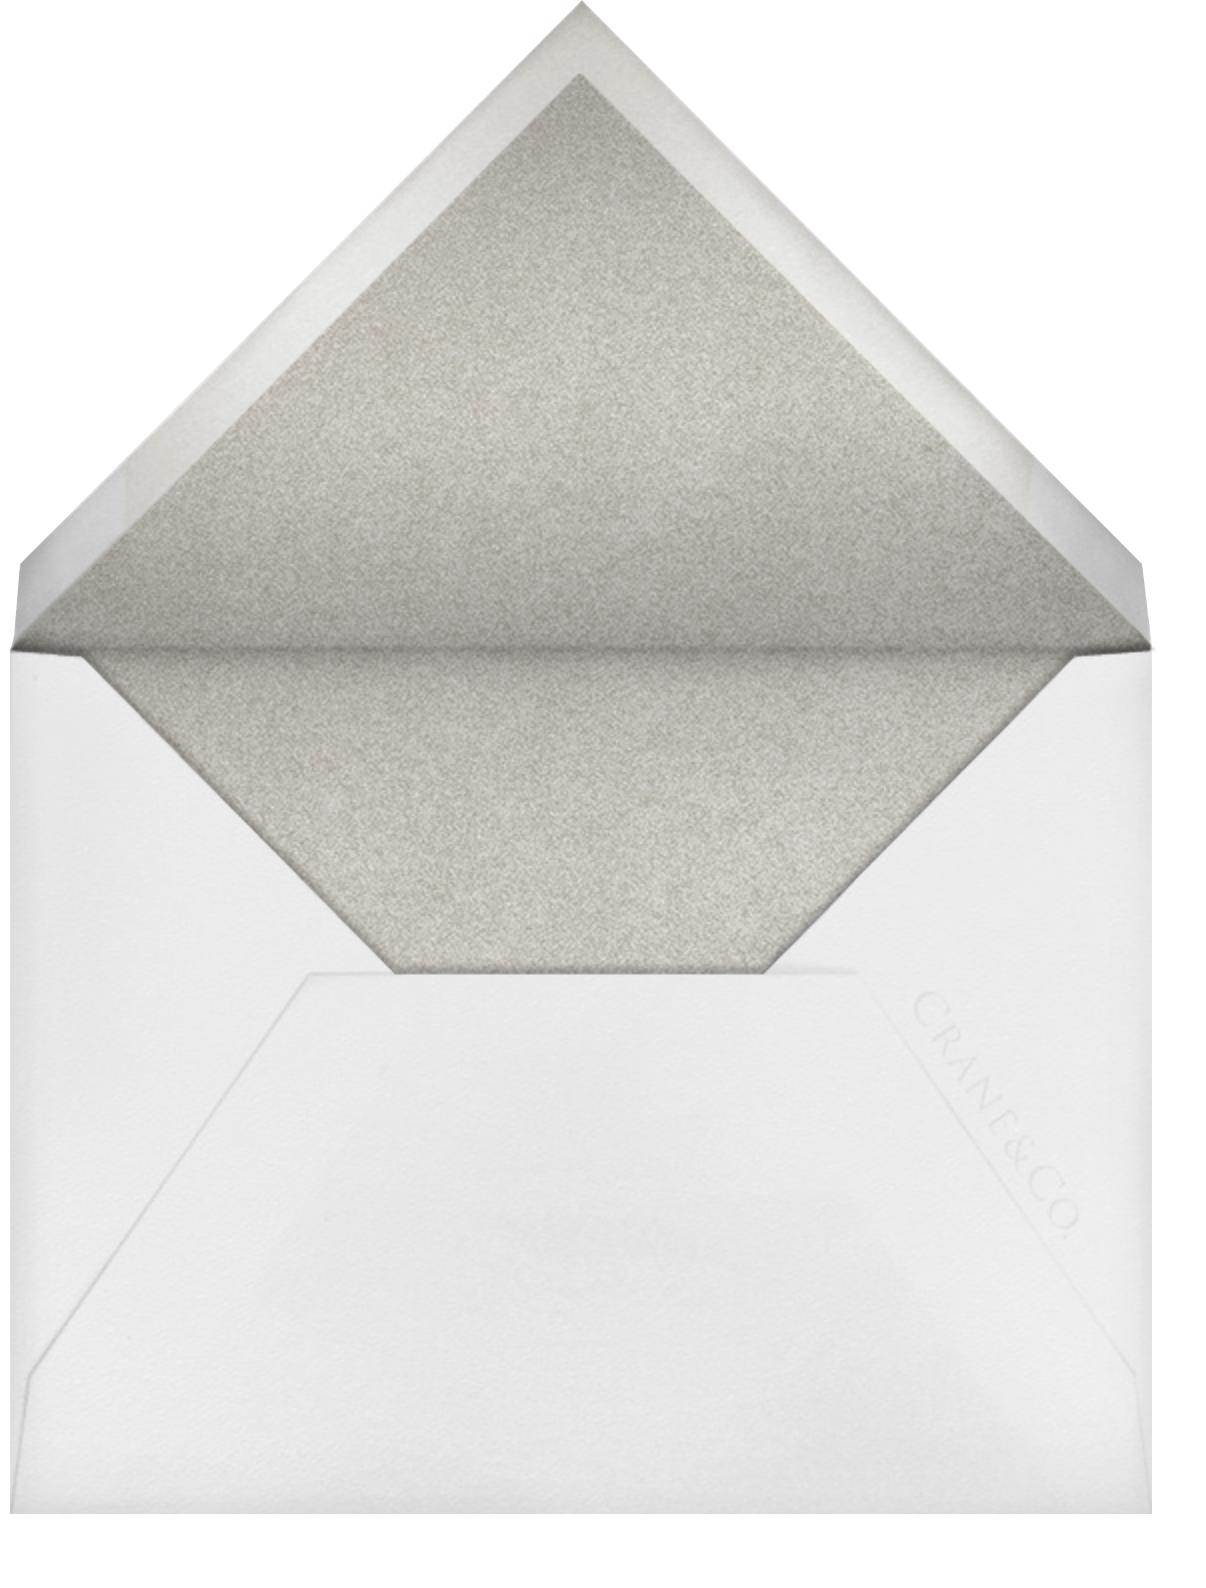 Tie the Knot - Black - Oscar de la Renta - Envelope